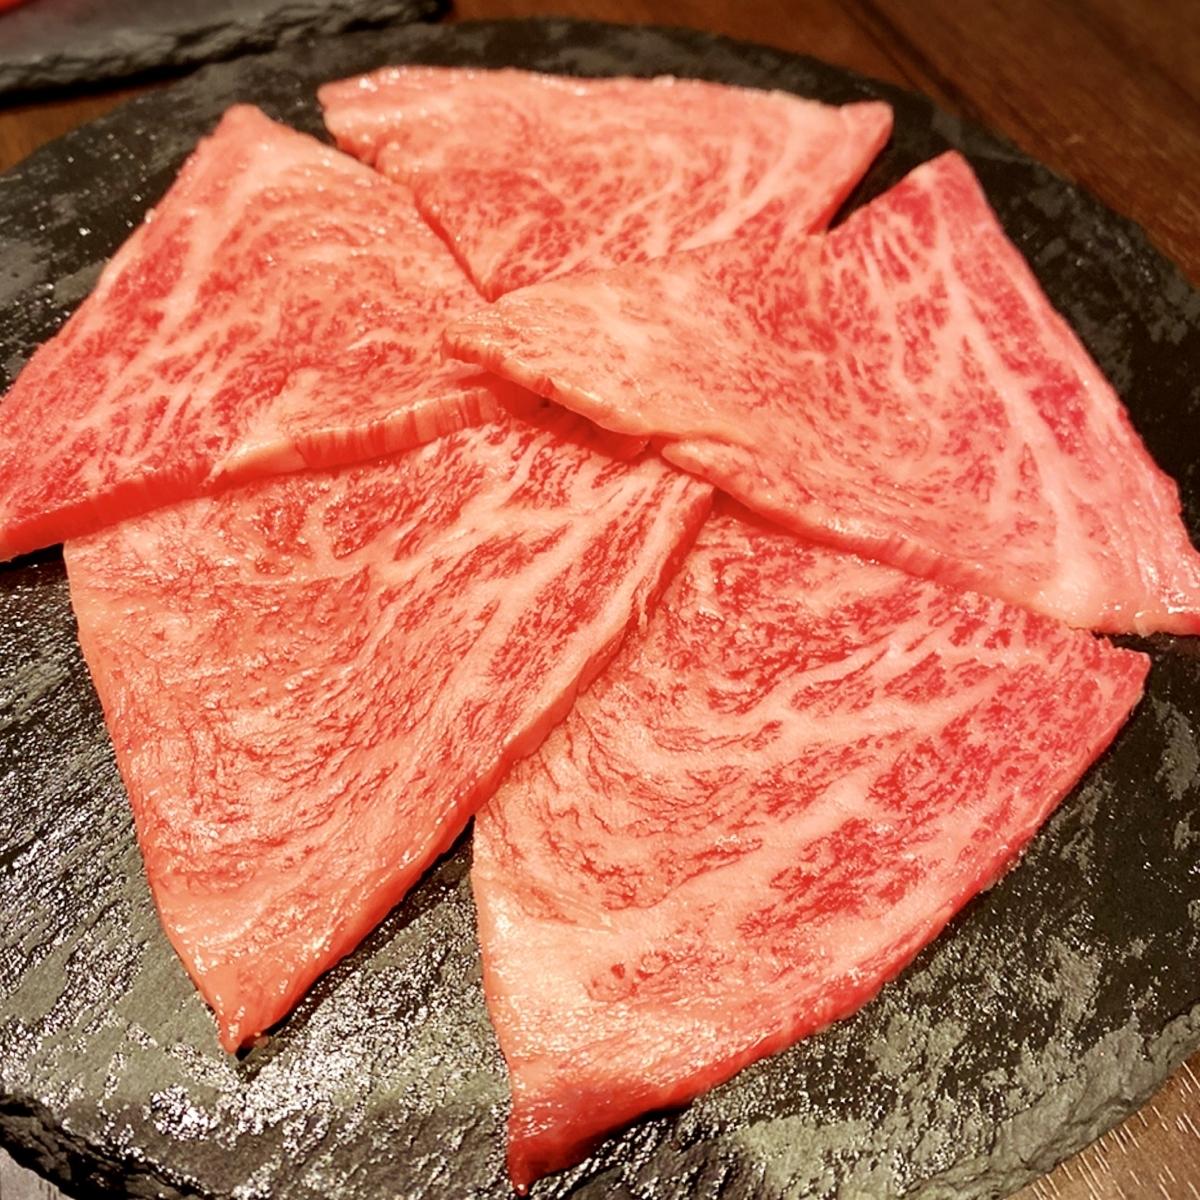 「焼肉じゅん」は生肉好きや焼肉デートしたい方にとてもおすすめの焼肉屋でした